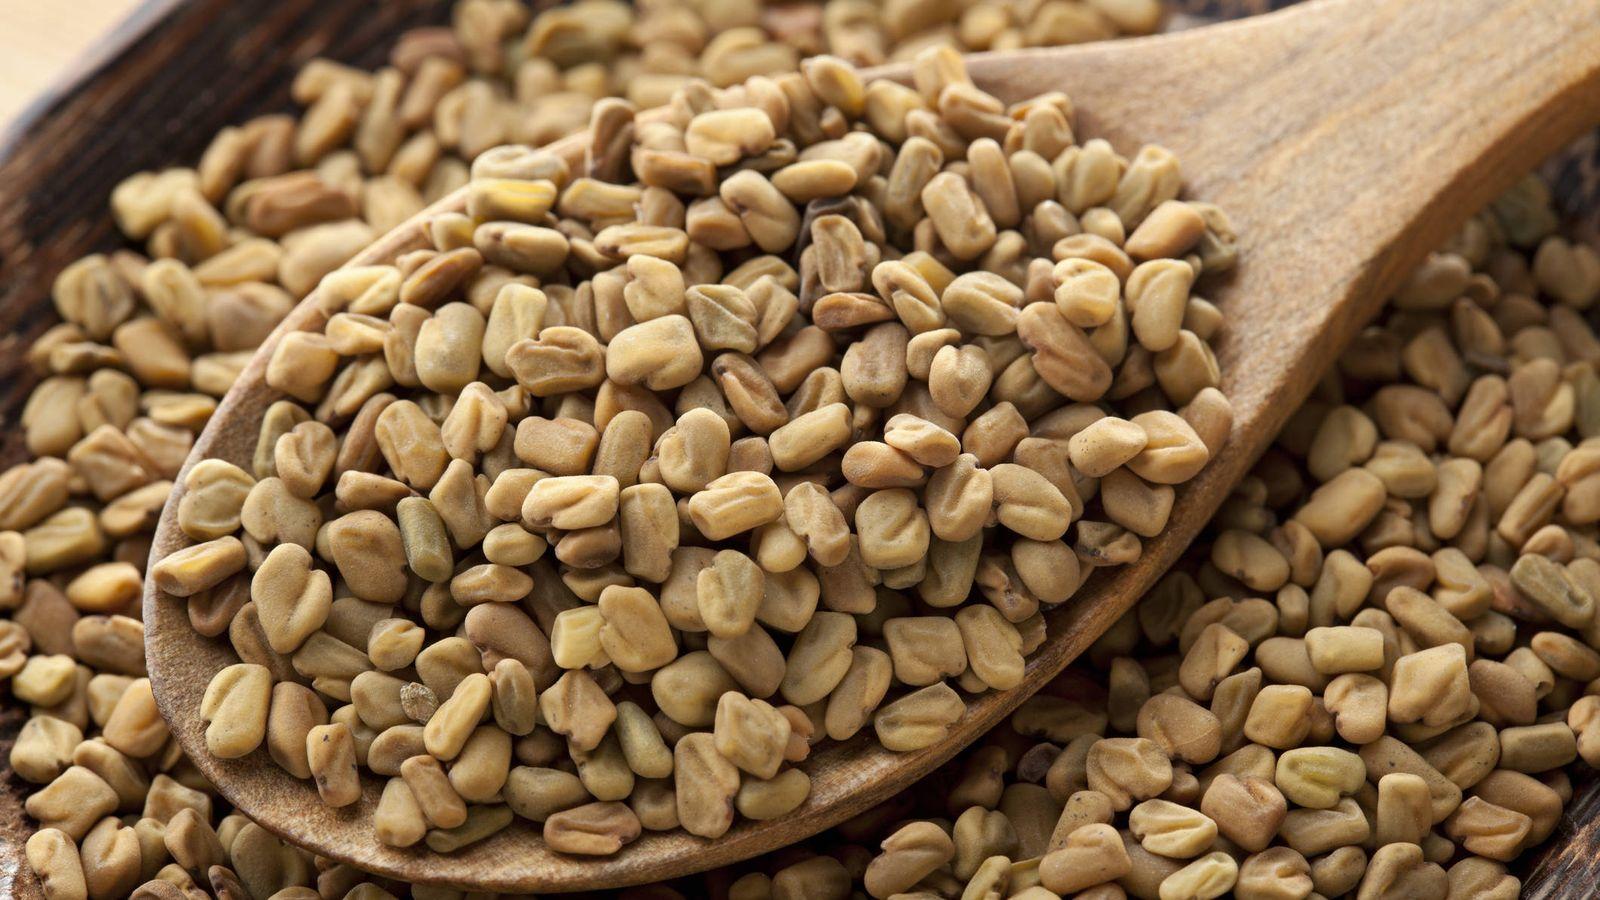 Legumbres: El fenogreco, la semilla con los efectos buenos del ...